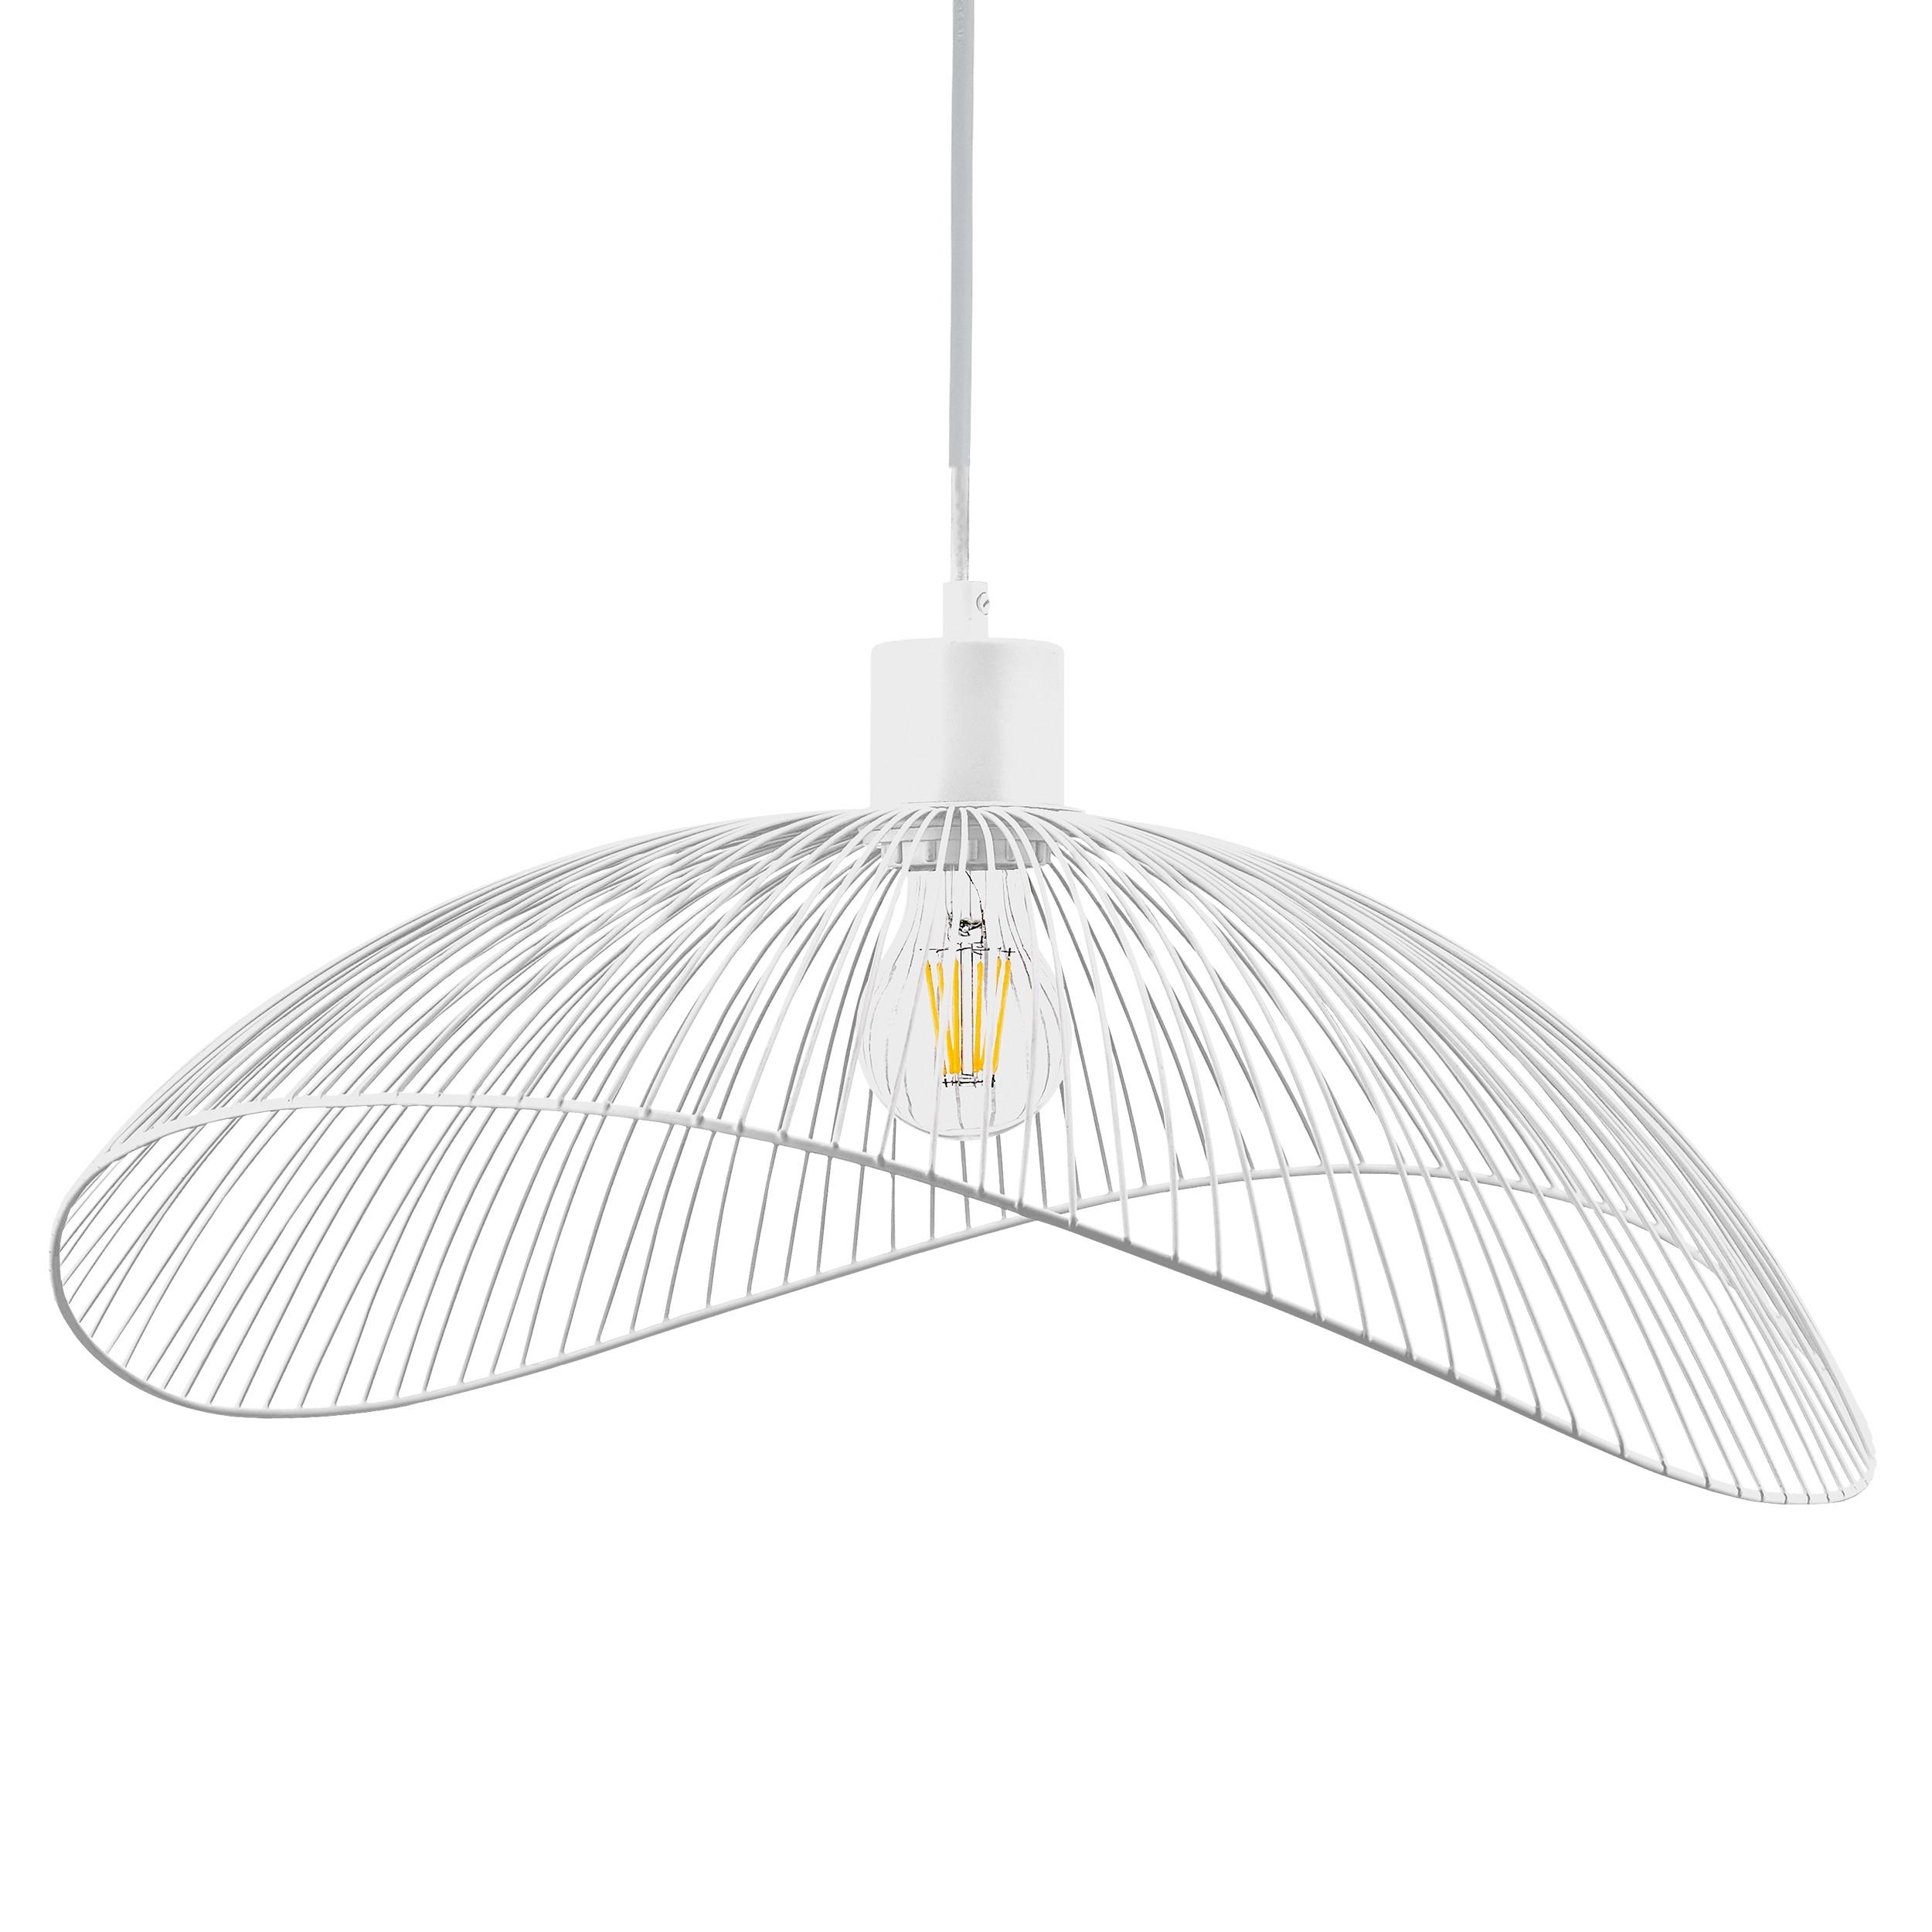 Lampa wisząca AJE-HOLLY 6 White 1xE27 50cm